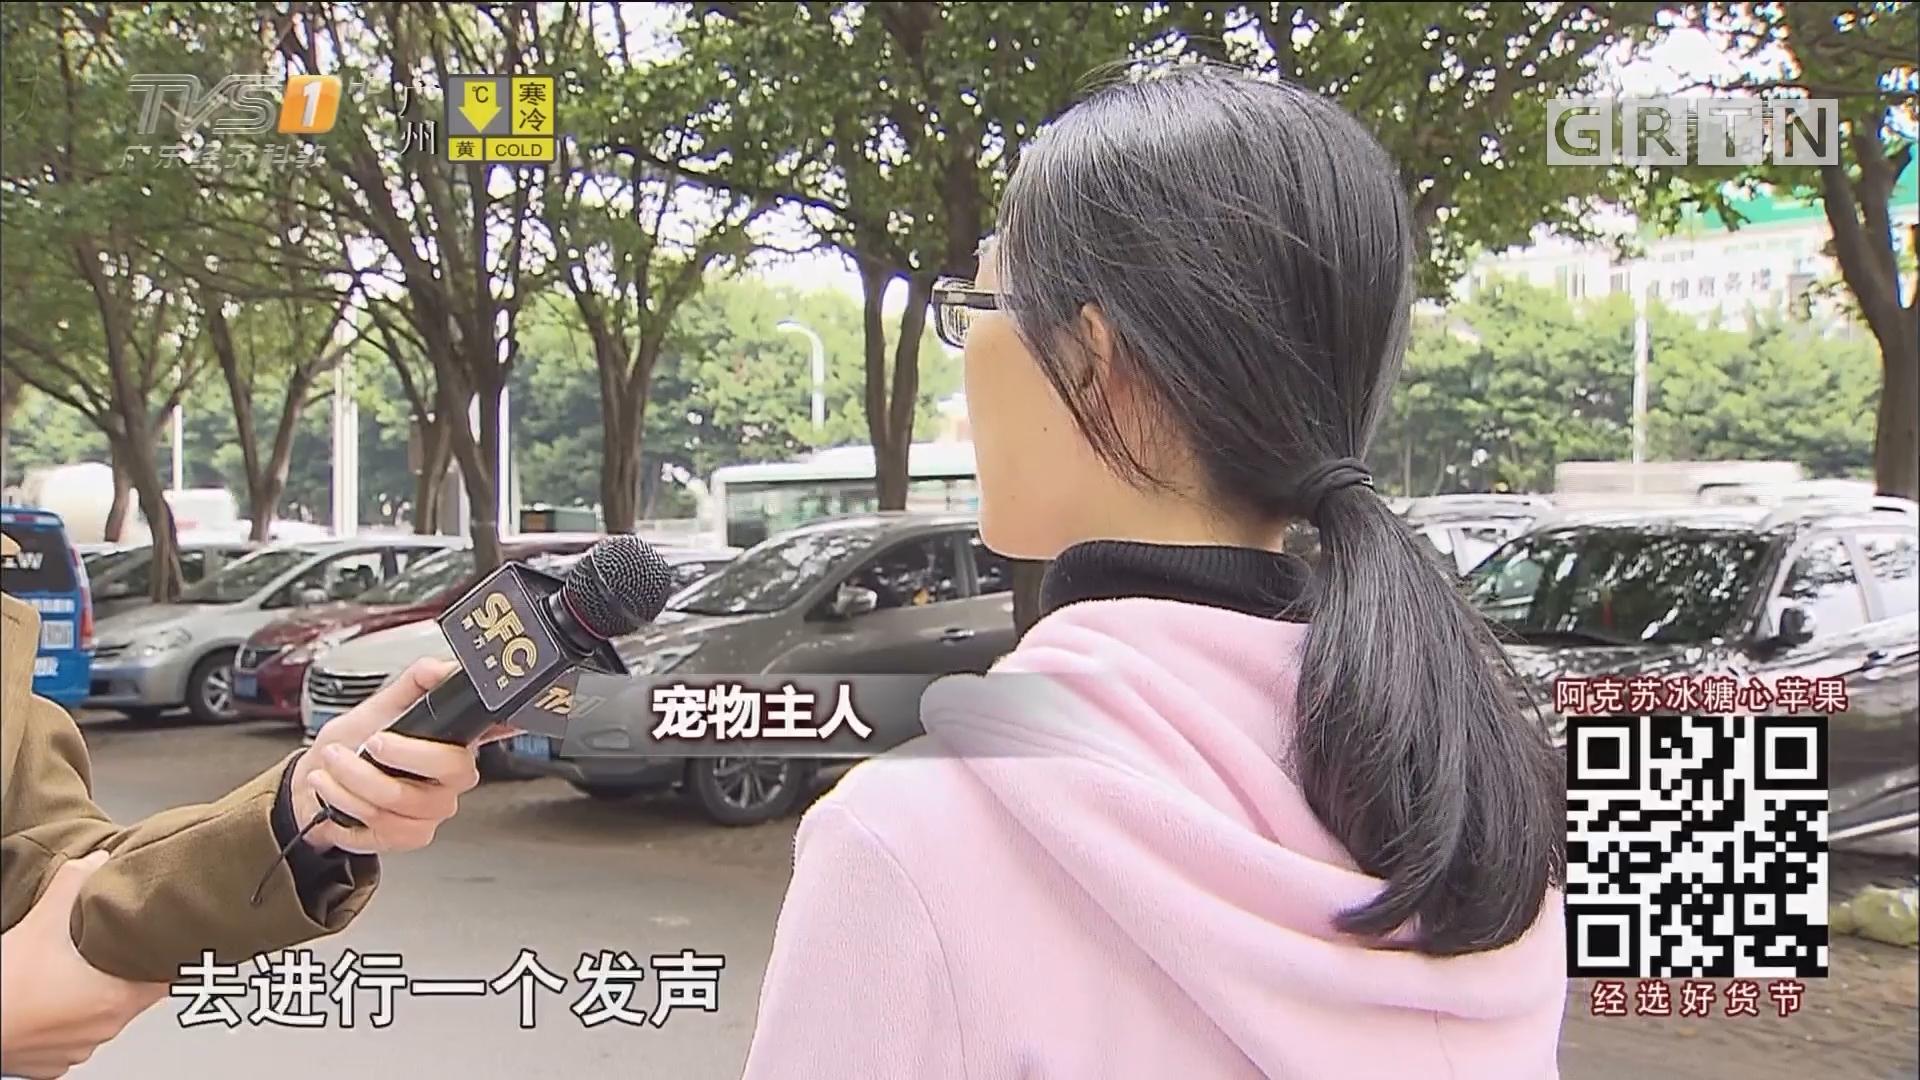 广州:小区疑遭投毒 数十只猫狗惨遭毒手